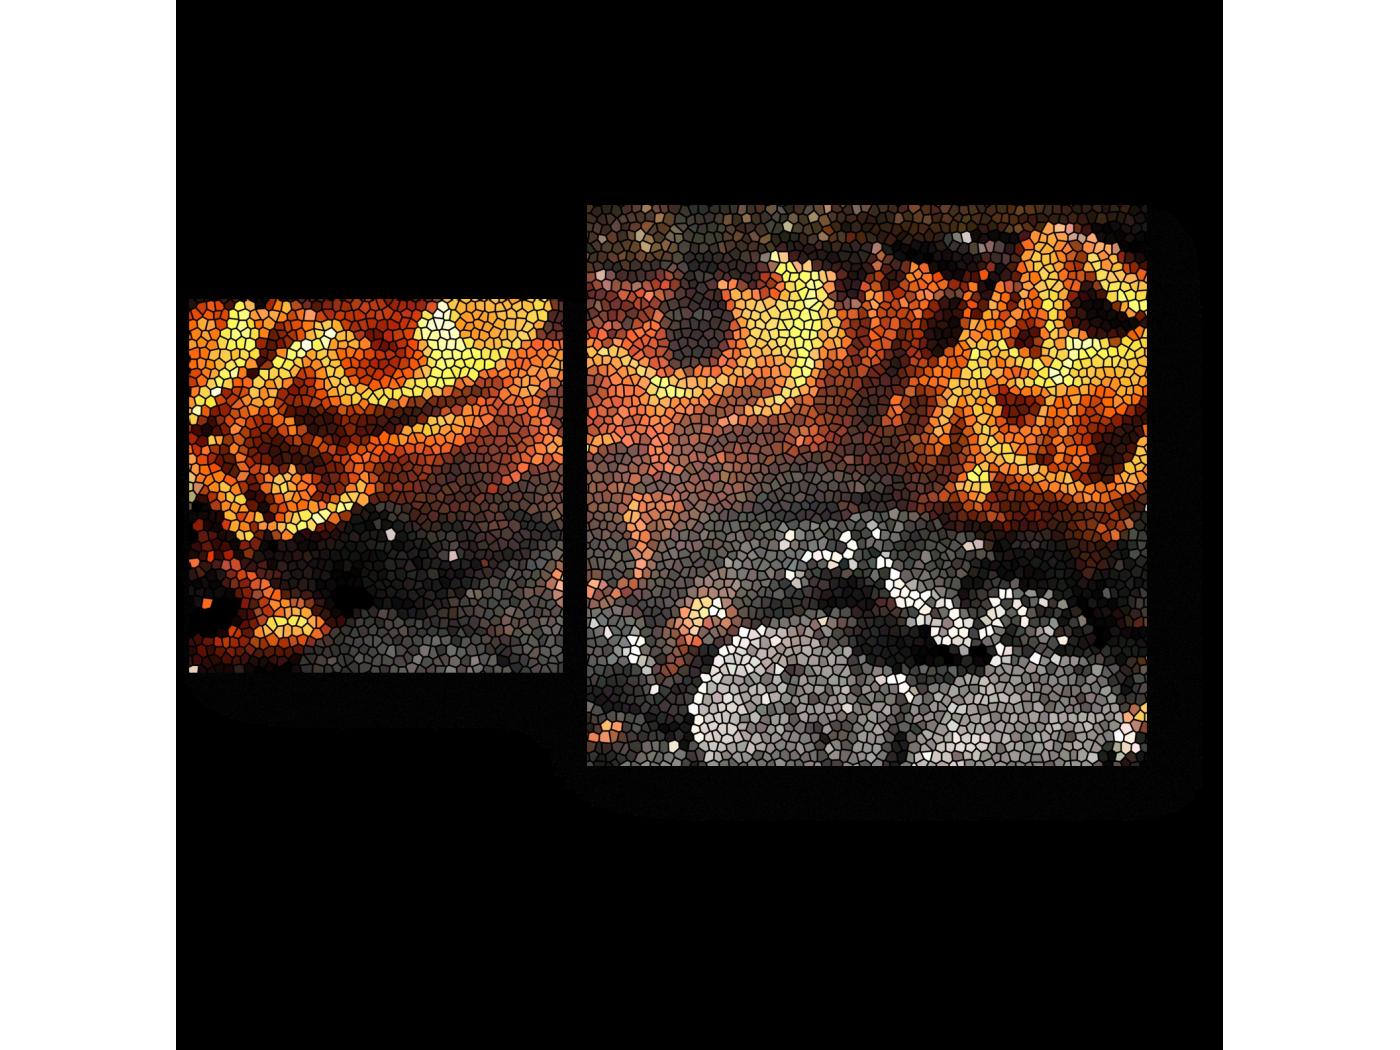 Модульная картина Согревающее пламя (50x30) фото